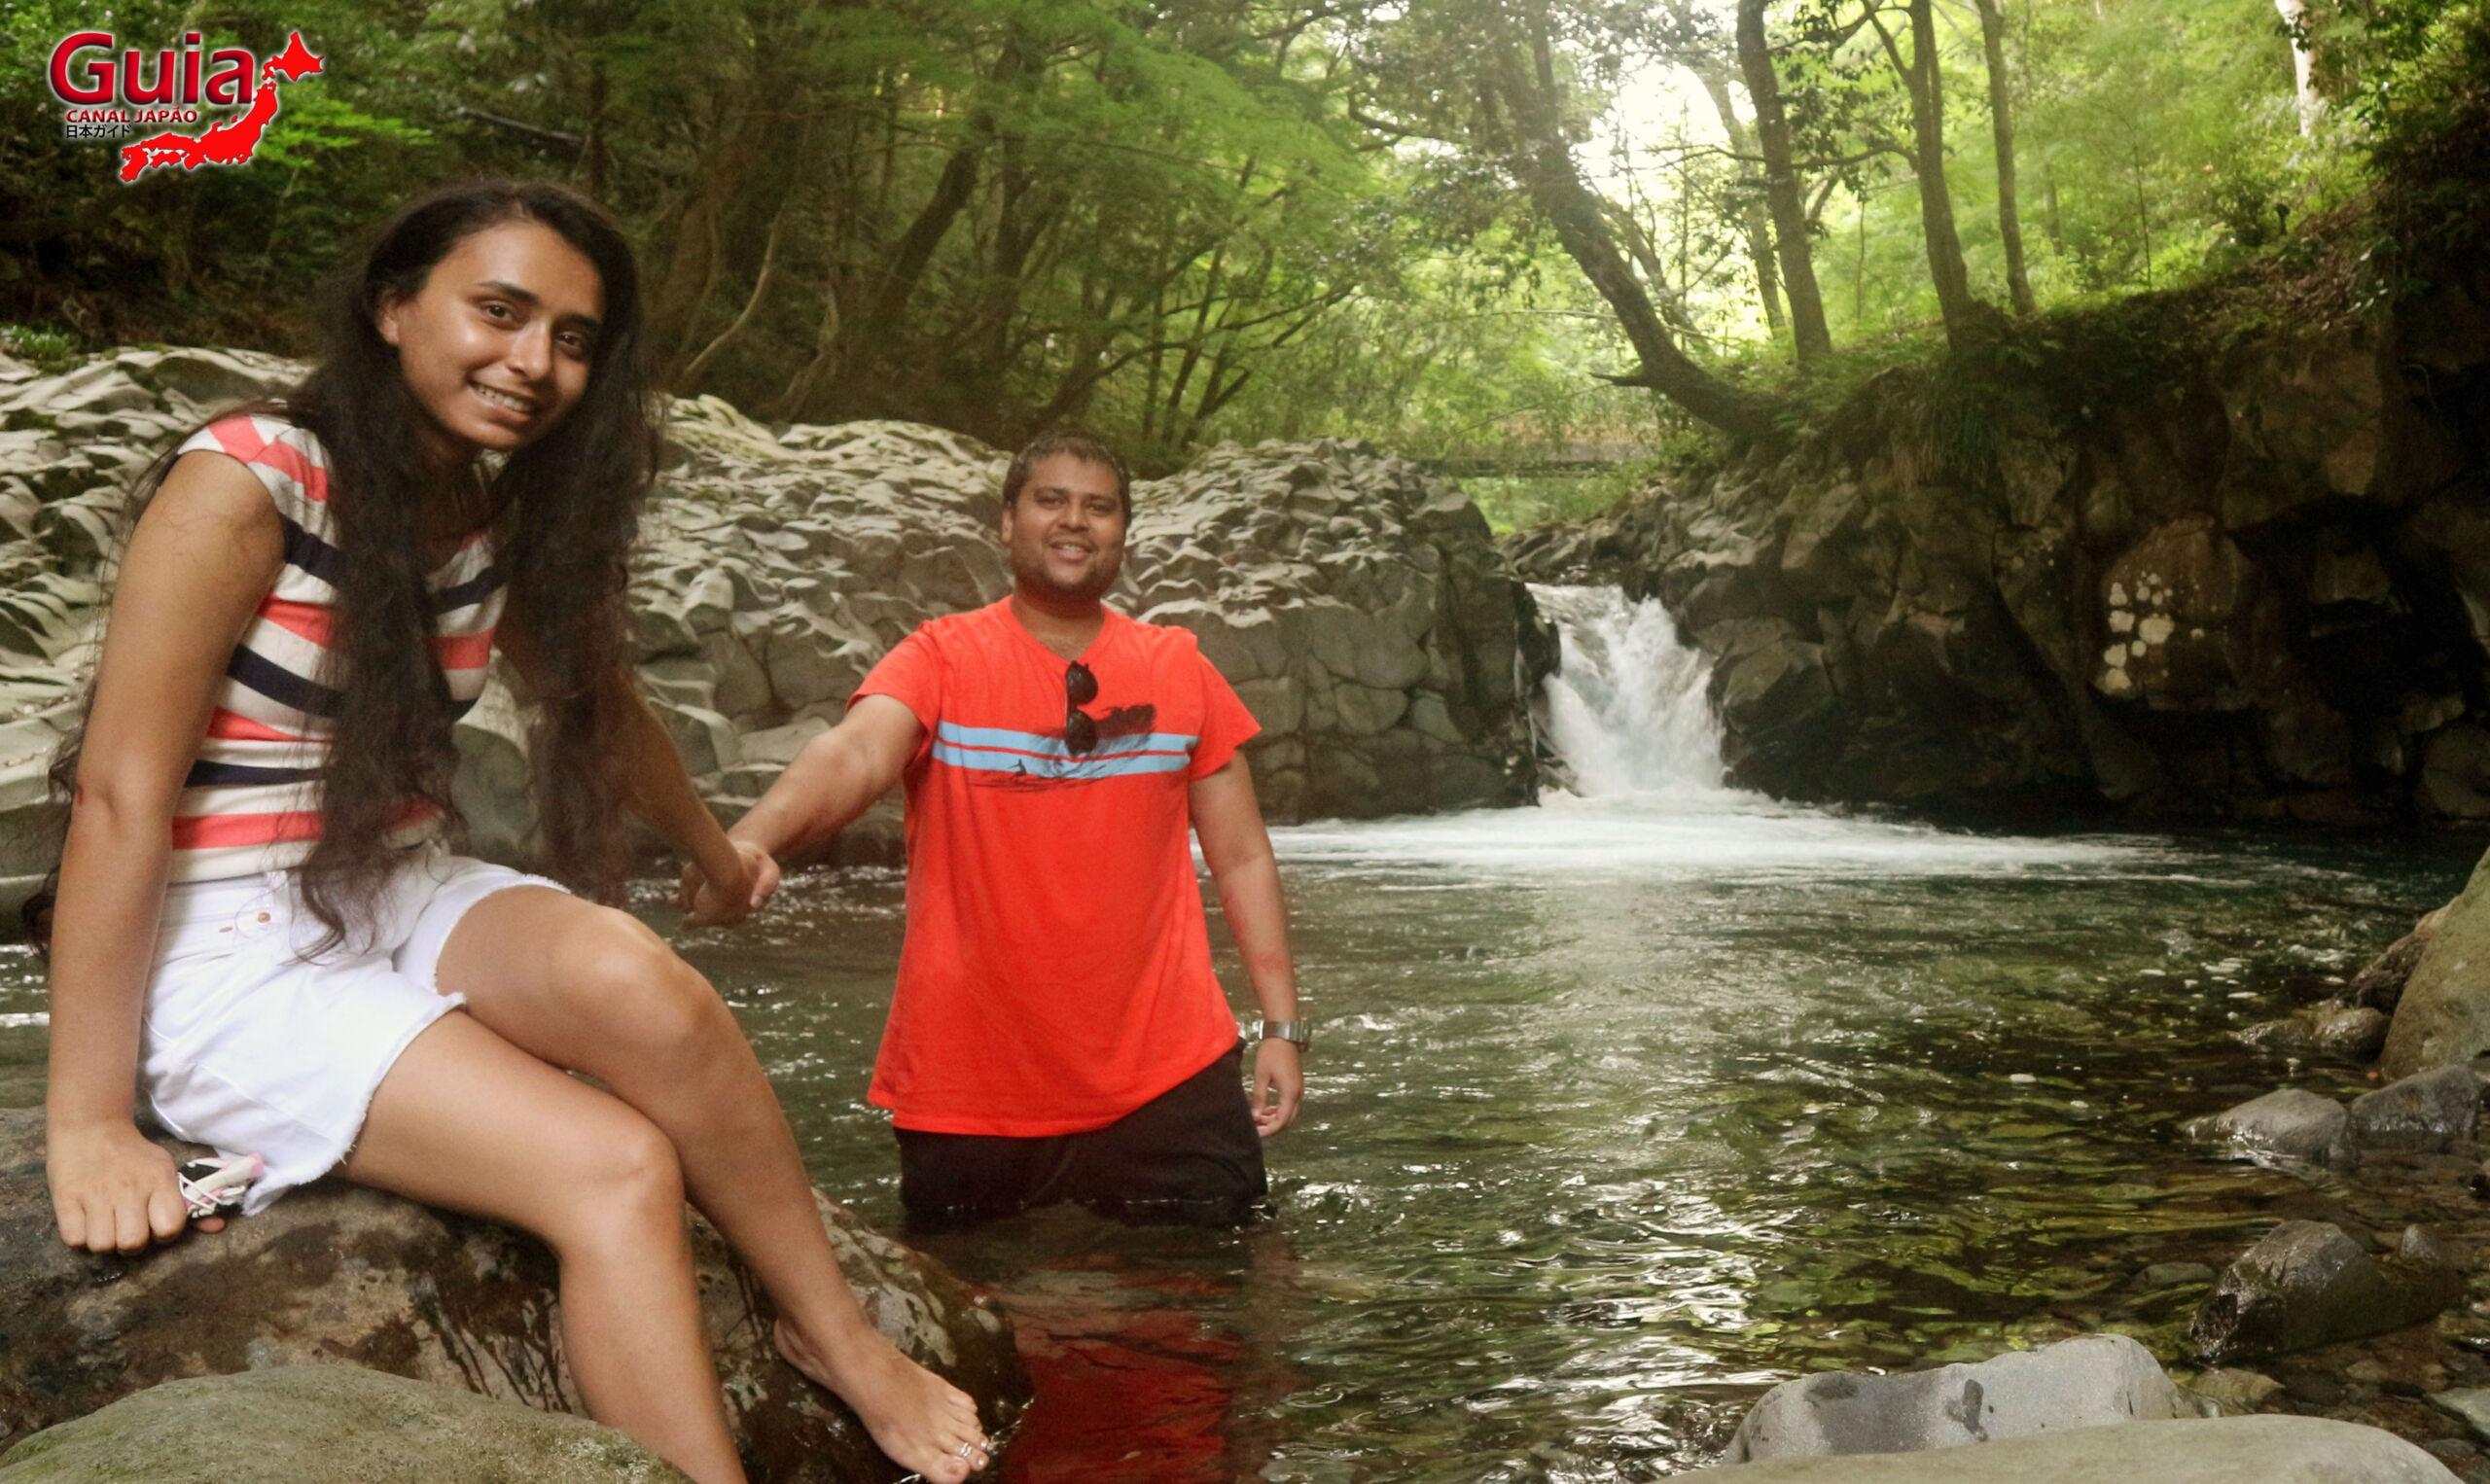 Cachoeira Kanidaru - Cachoeira do Caranguejo 7